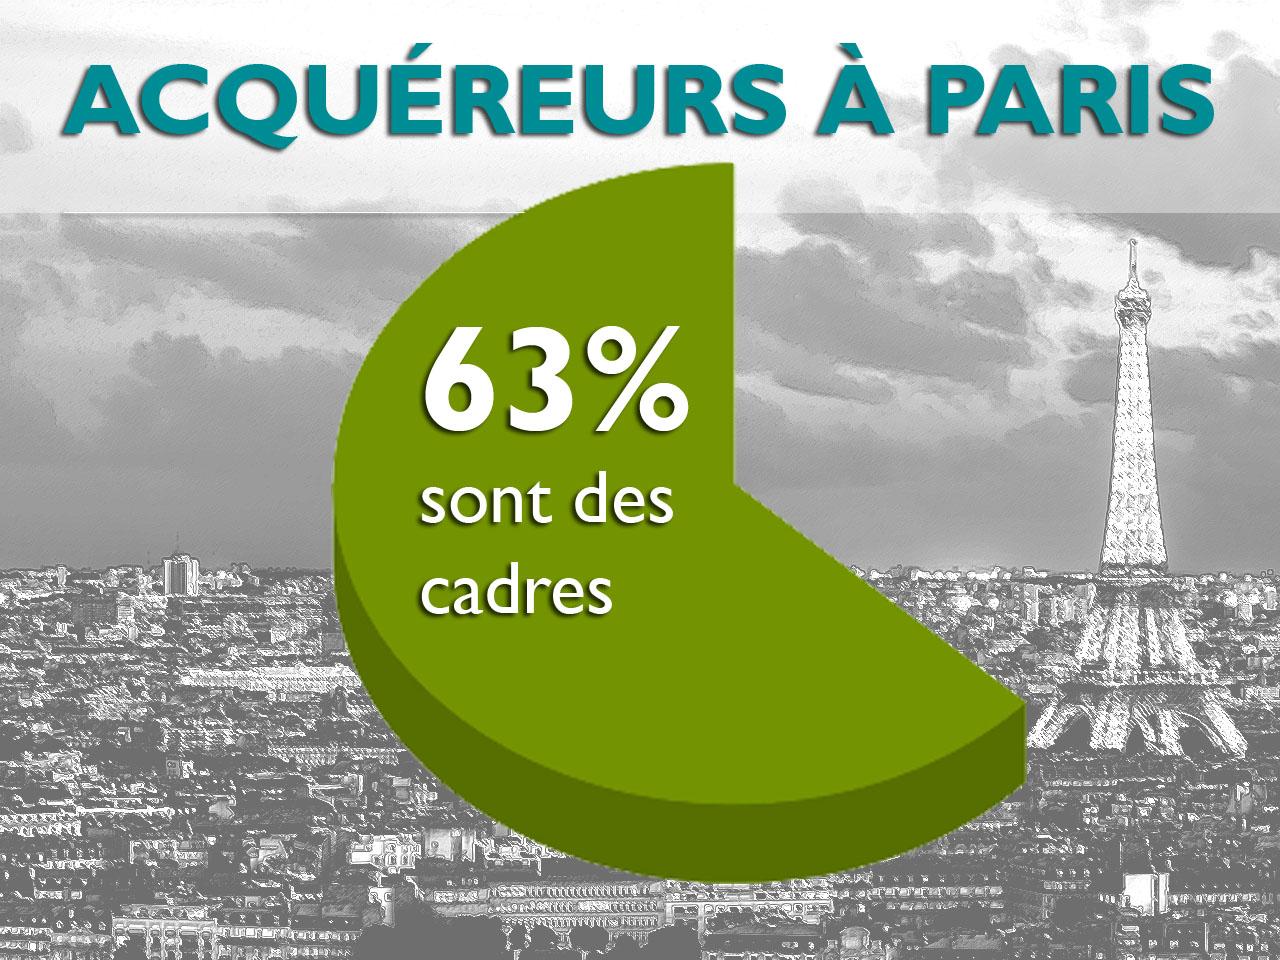 63% des acquéreurs immobiliers à Paris sont des cadres